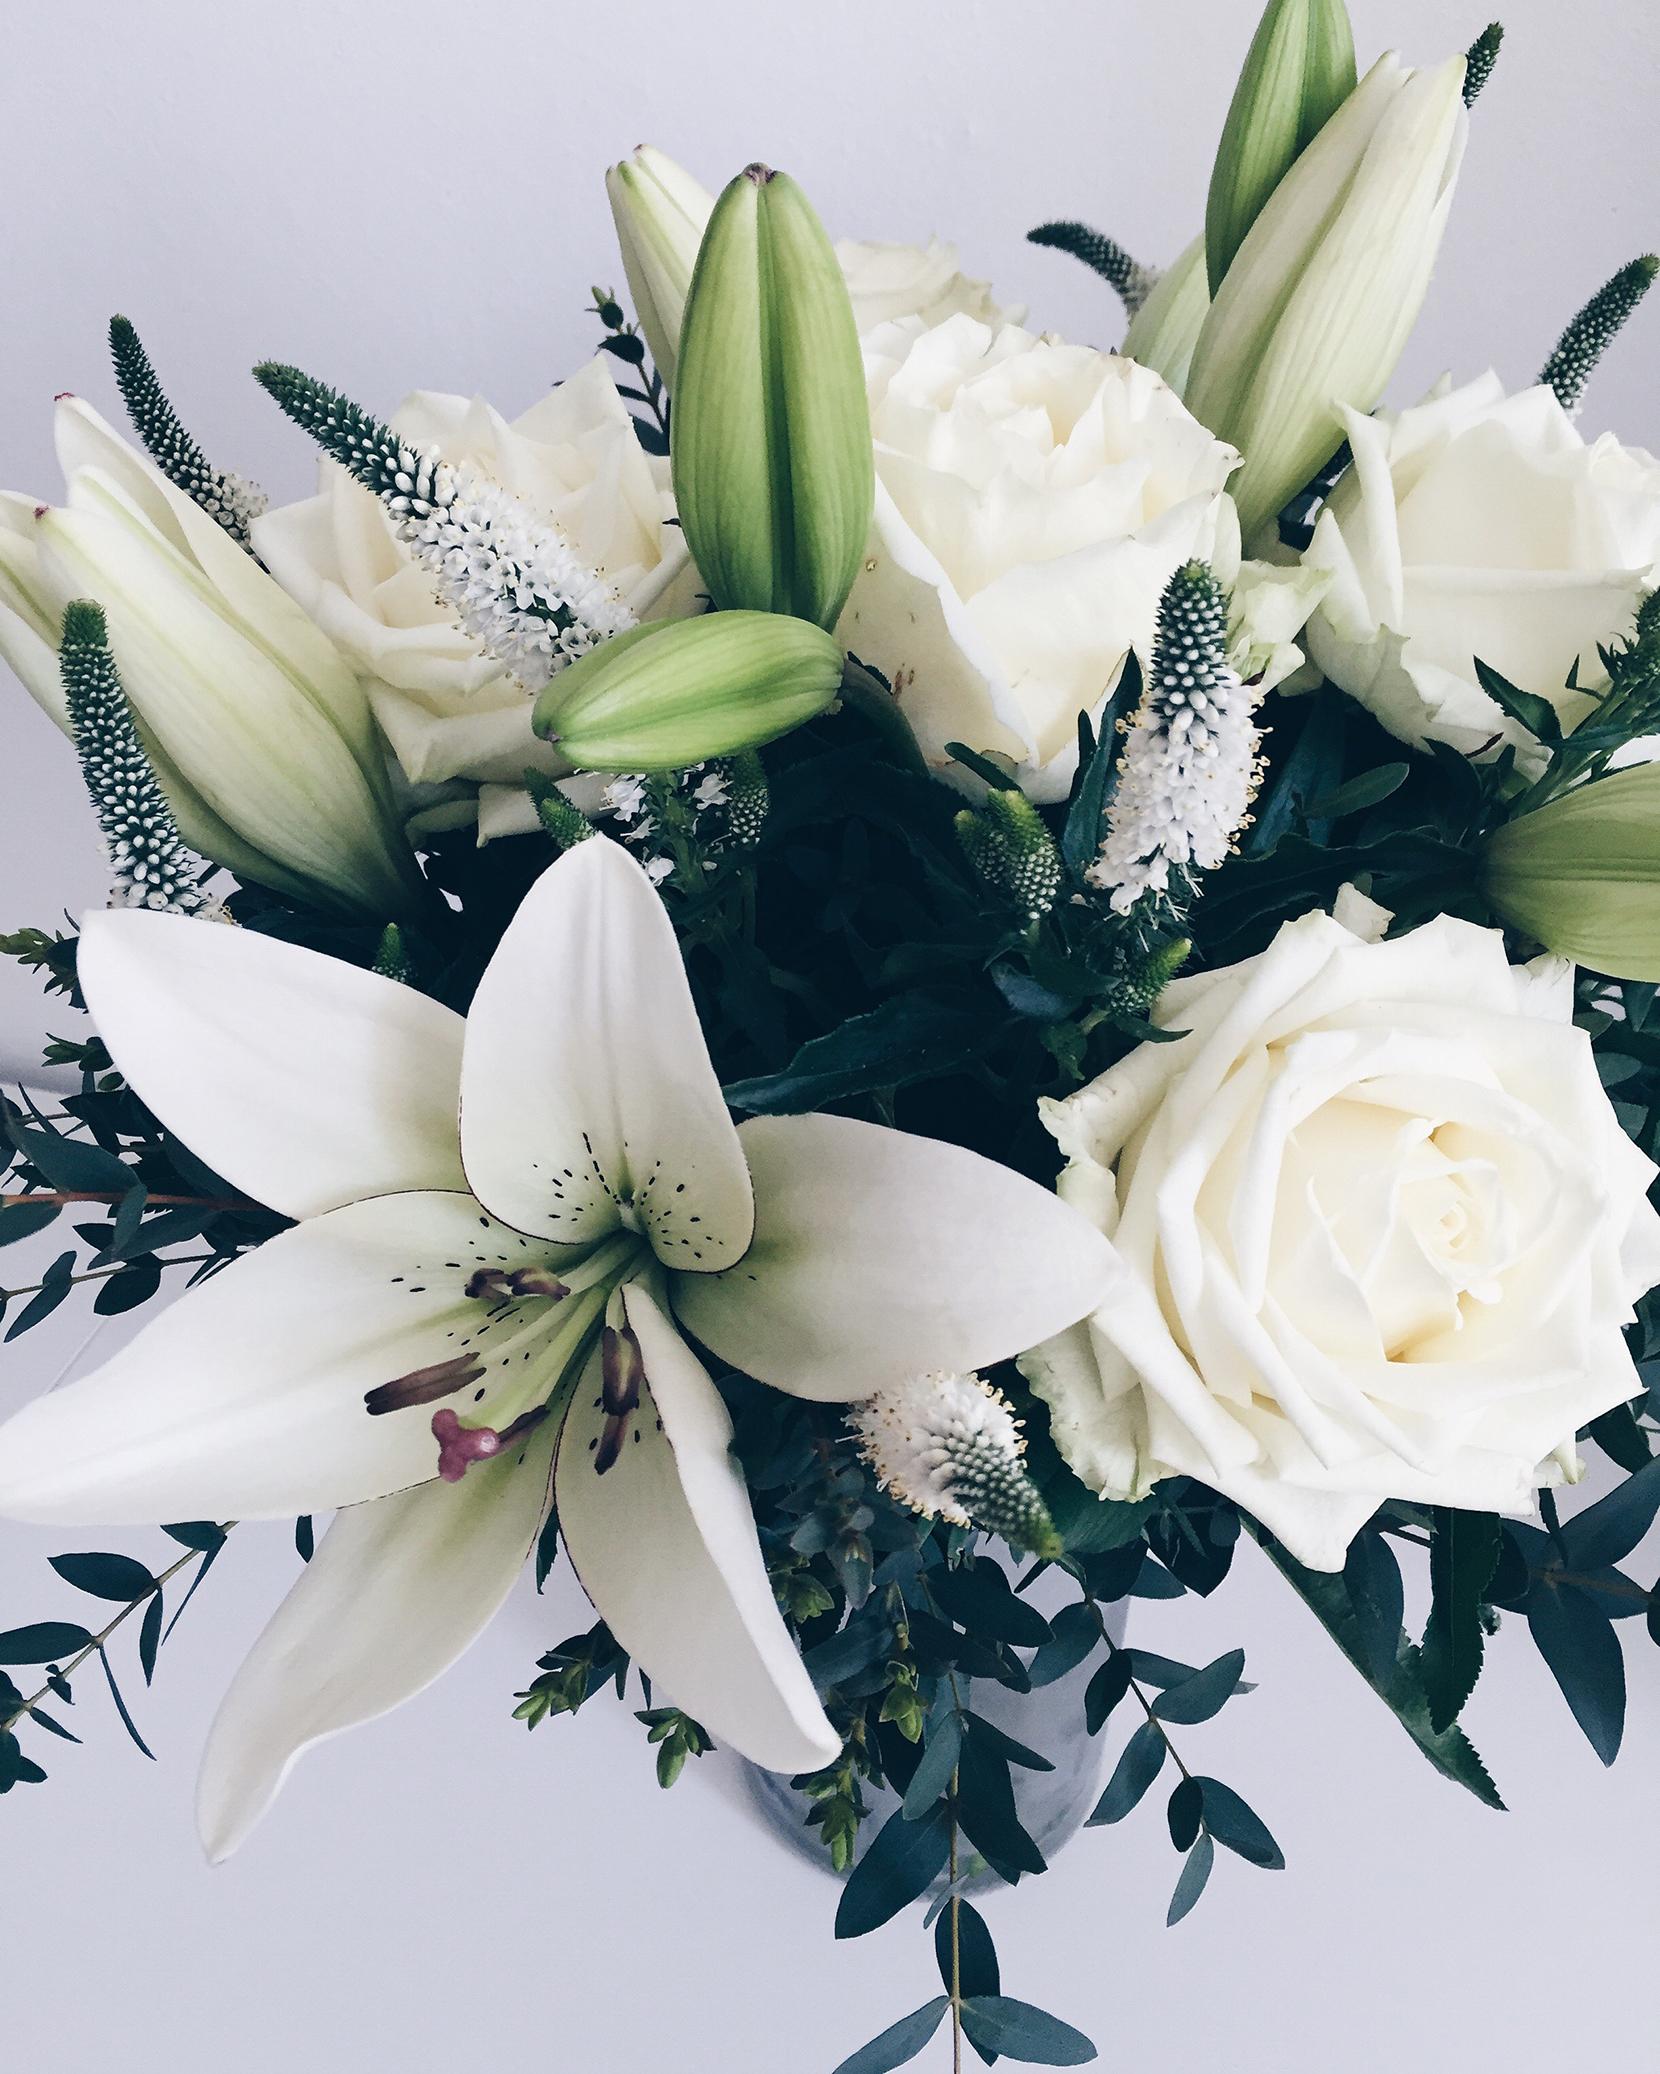 7things_15_flowers